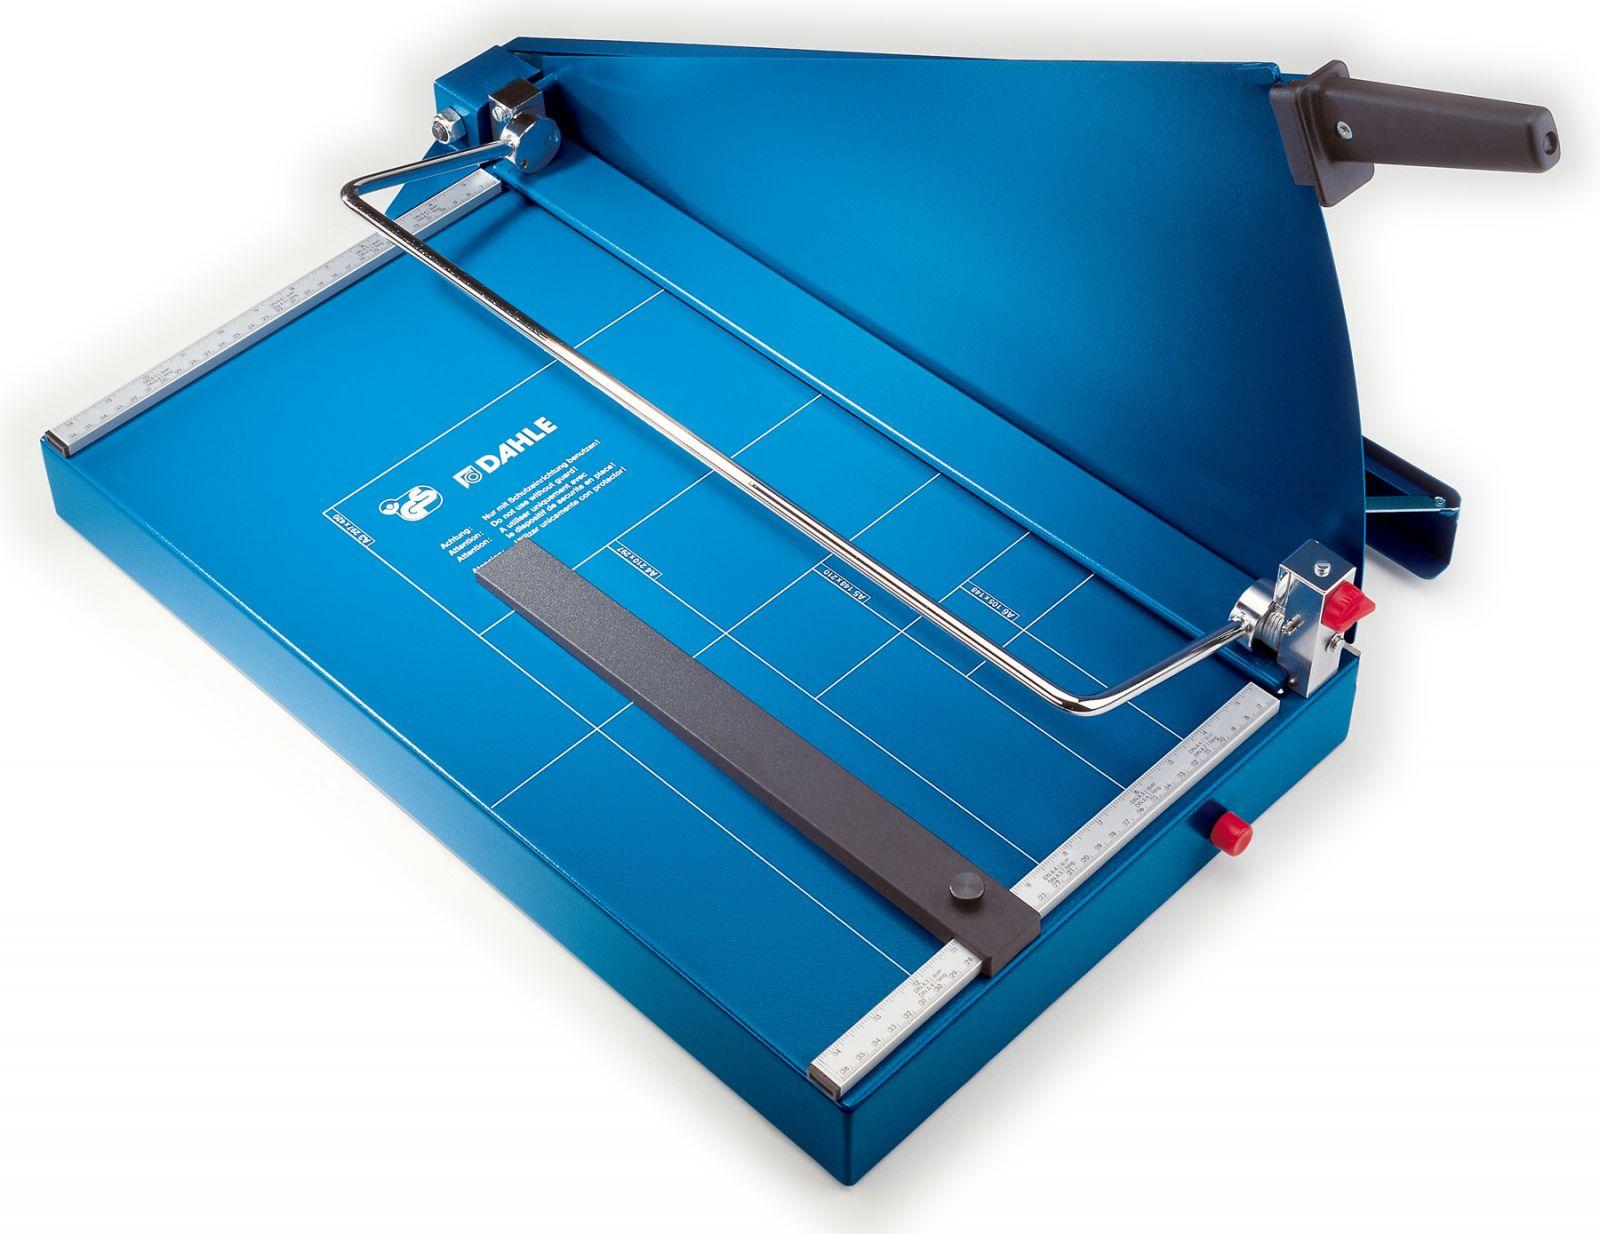 Páková řezačka papíru - DAHLE 589 - délka řezu 700 mm